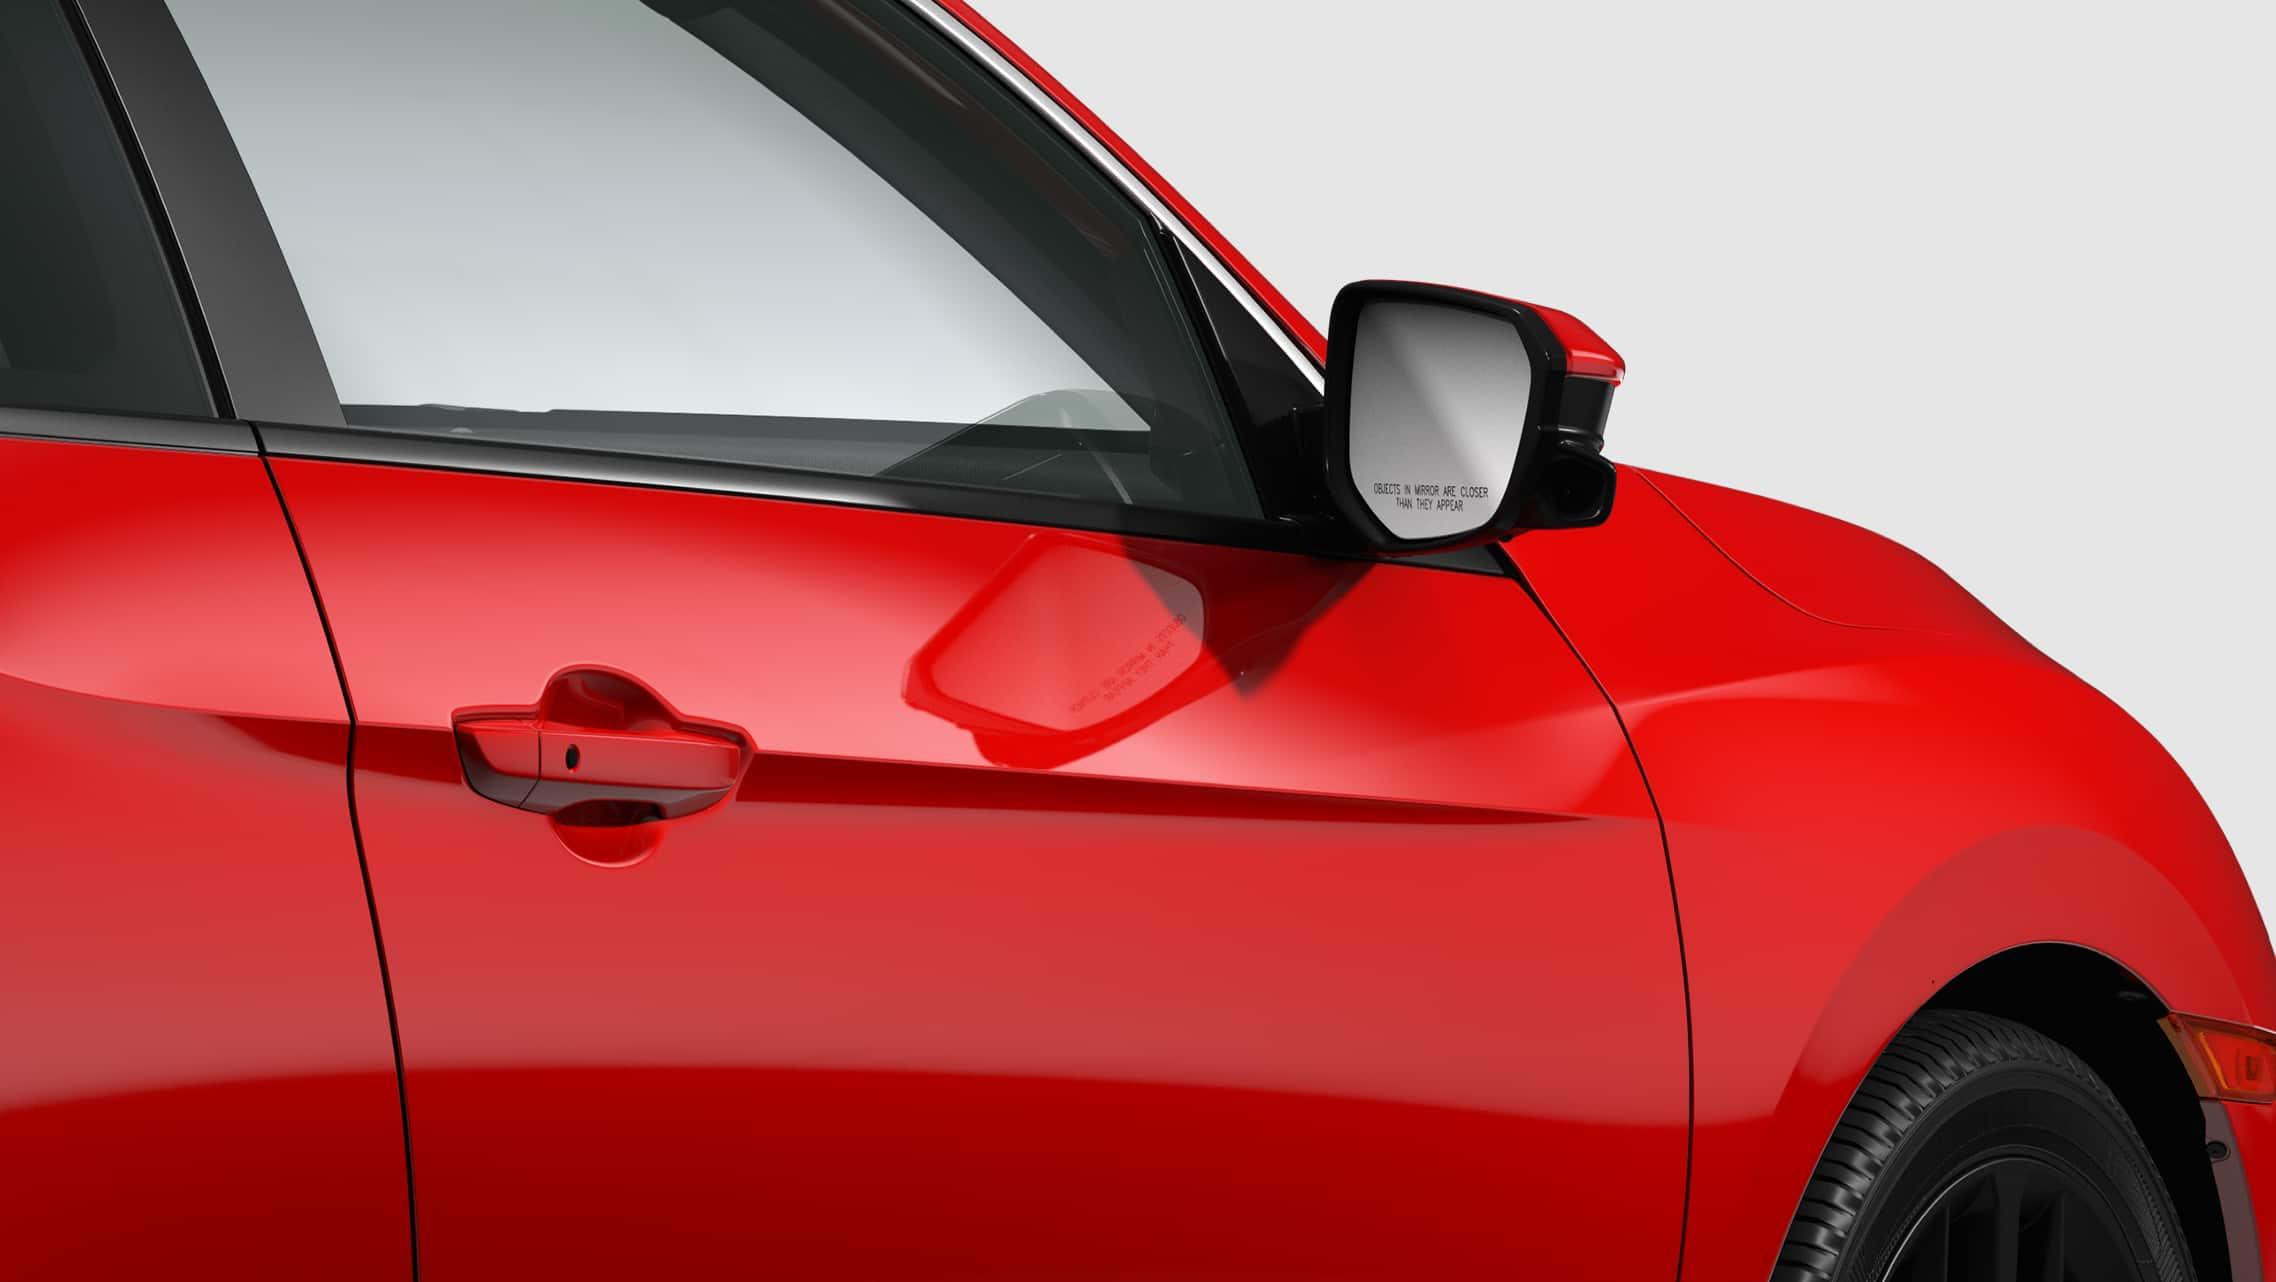 Detalle de la cámara Honda LaneWatch™ en el espejo del lado del pasajero del Honda Civic Si Coupé2020 en Rallye Red.